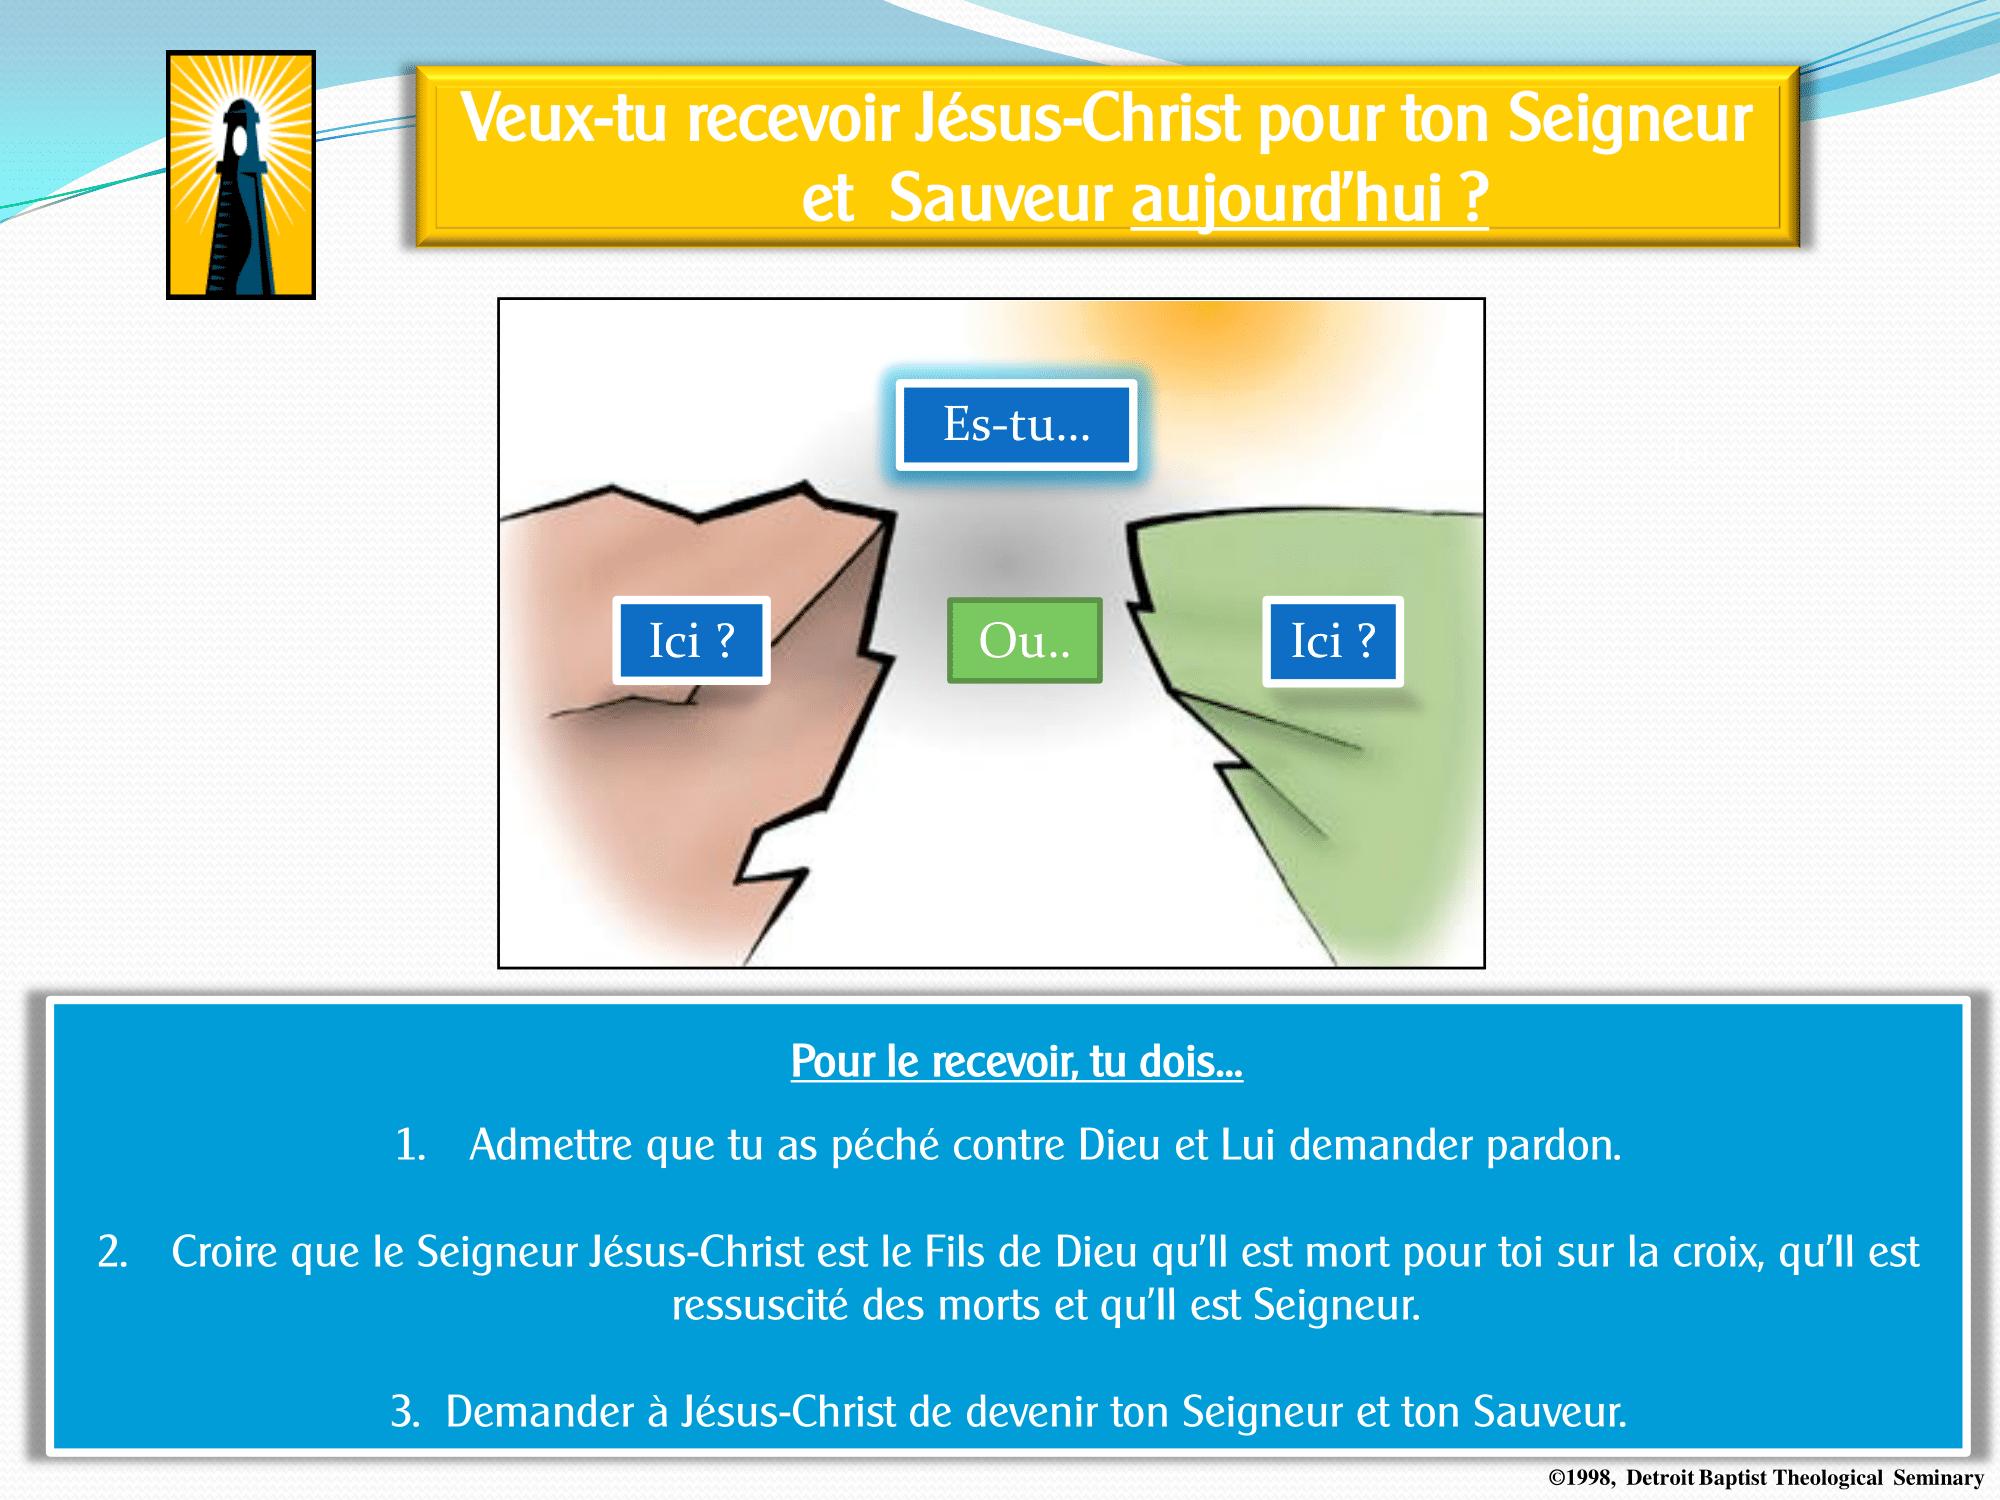 Veux-tu recevoir Jésus-Christ pour ton Seigneur et Sauveur aujourd'hui